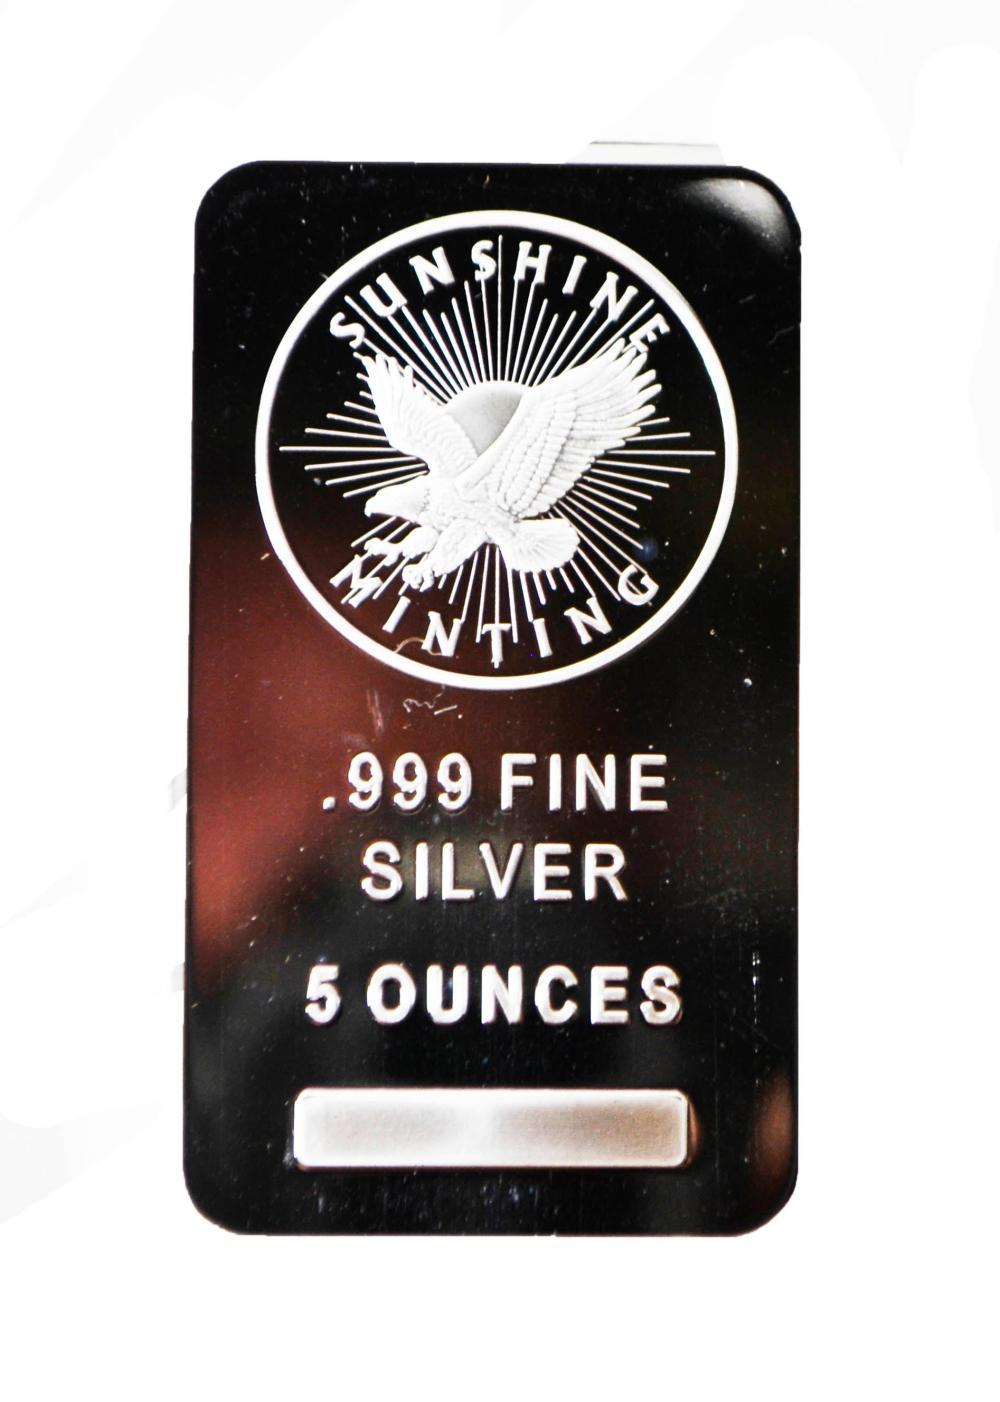 5oz. Silver Bar